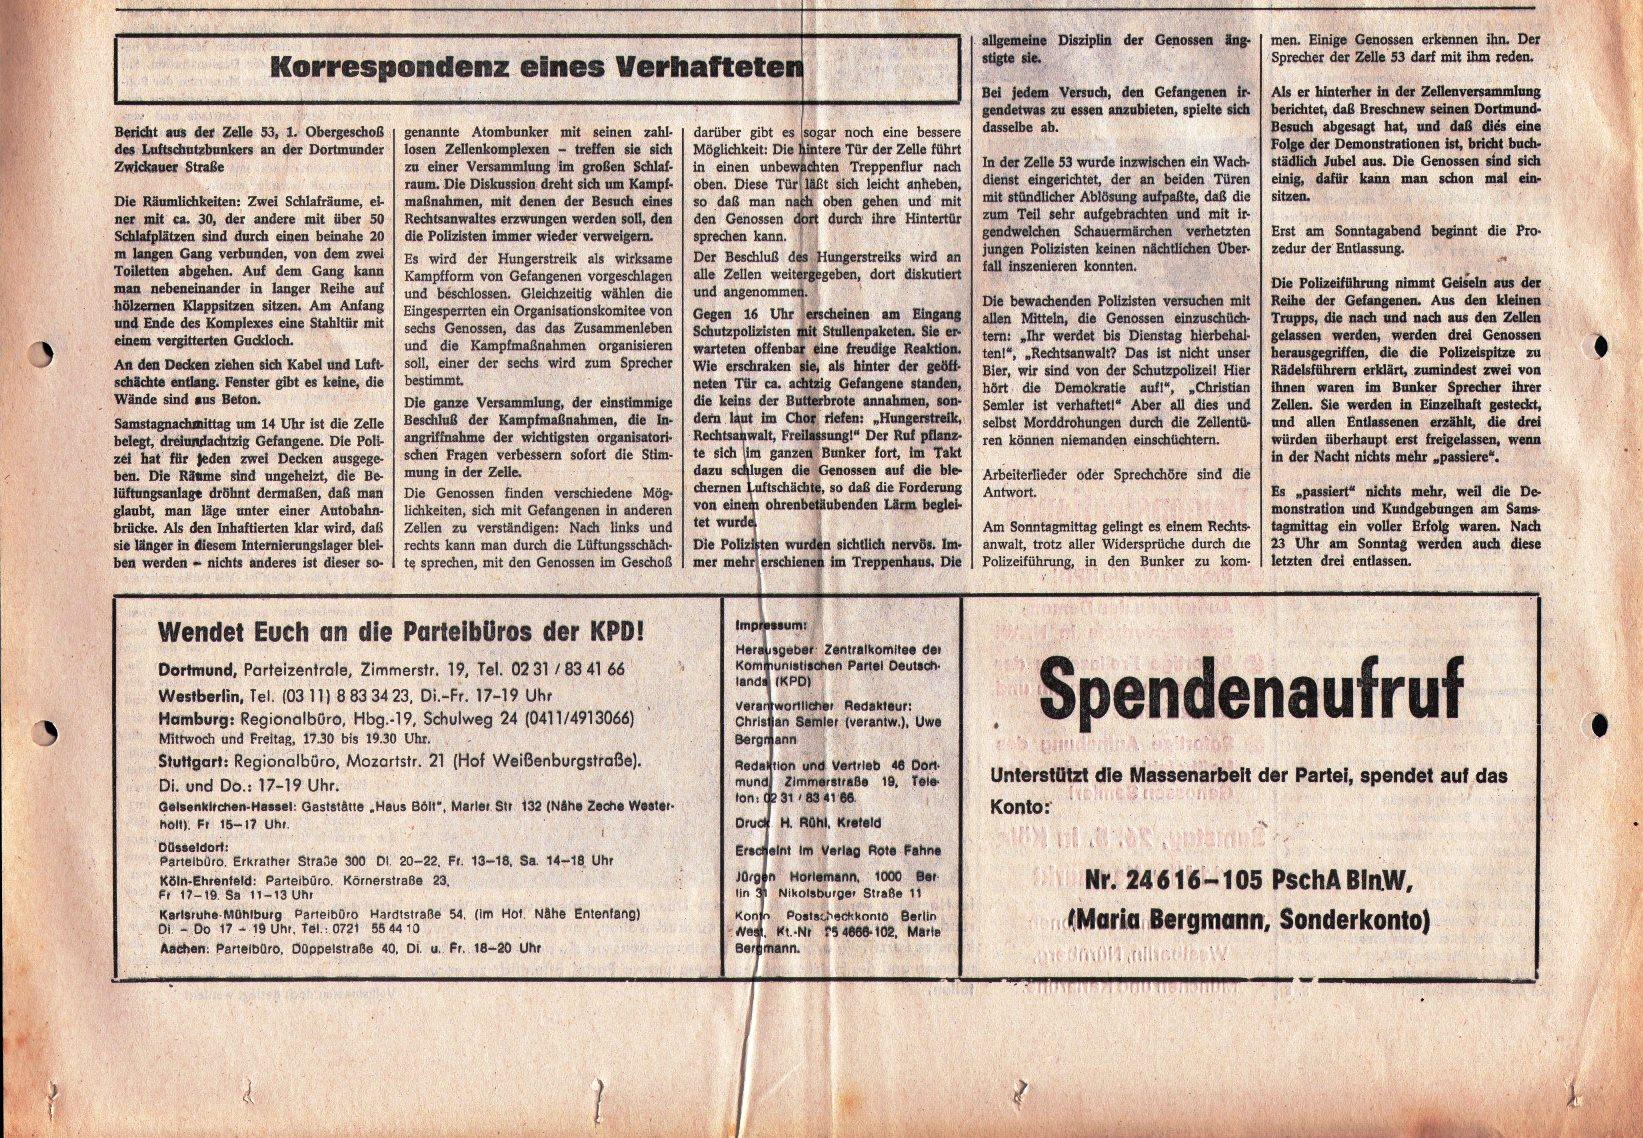 KPD_Rote_Fahne_1973_21_04